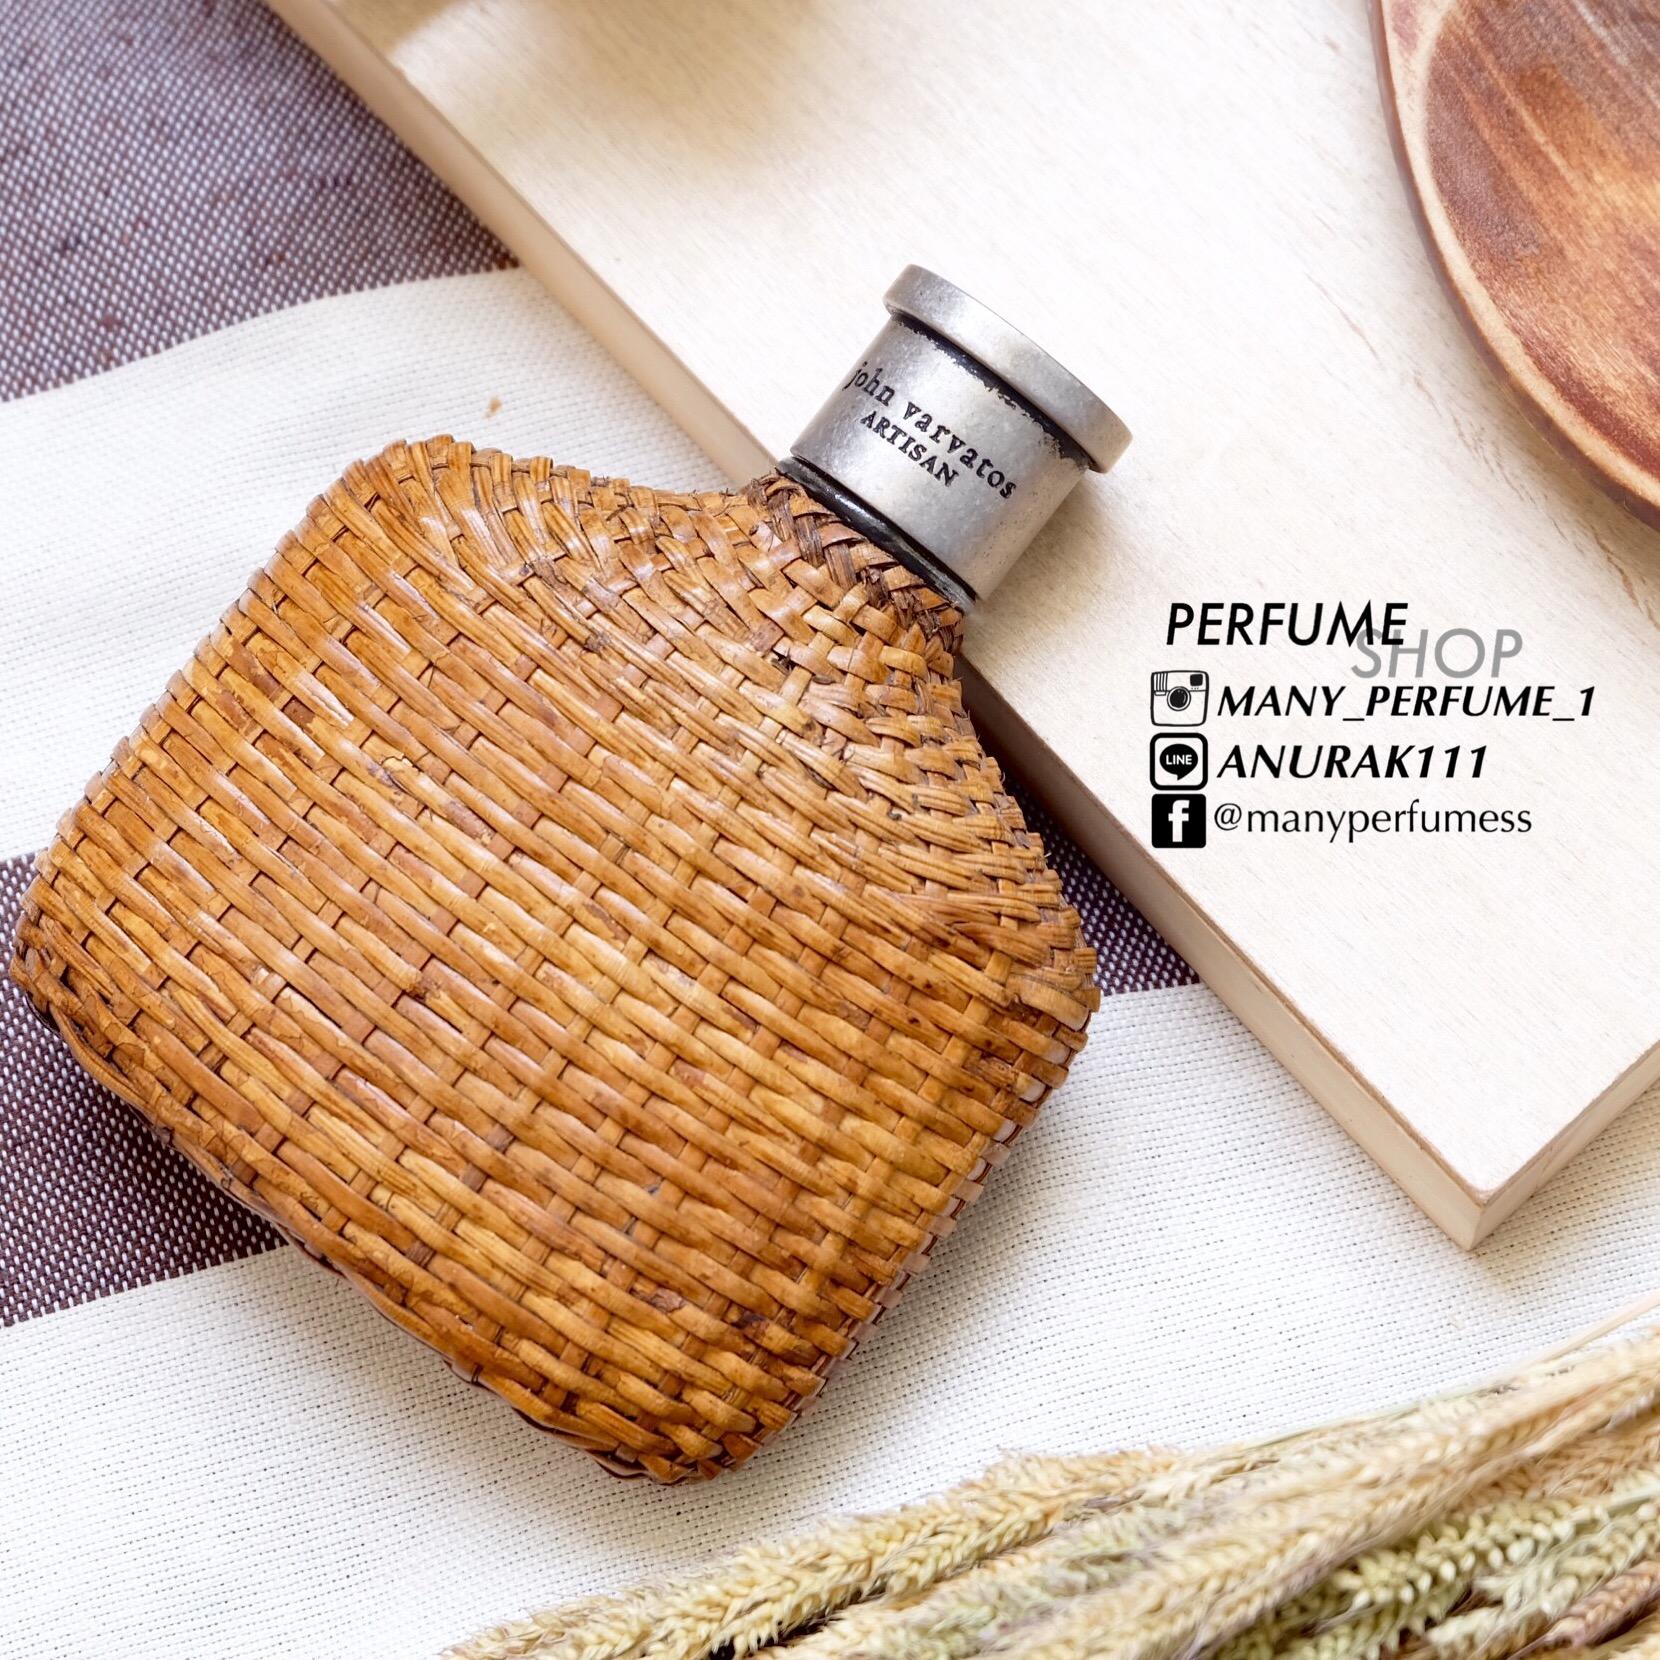 สำหรับตัวกลิ่นของ Artisan ขวดนี้ ให้สัมผัสที่ดูเป็นผู้ช๊ายผู้ชาย คือหอมอุ่น ไม่ฉุนมาก และมีส่วนผสมบางส่วนจากธรรมชาติอีกด้วย ...